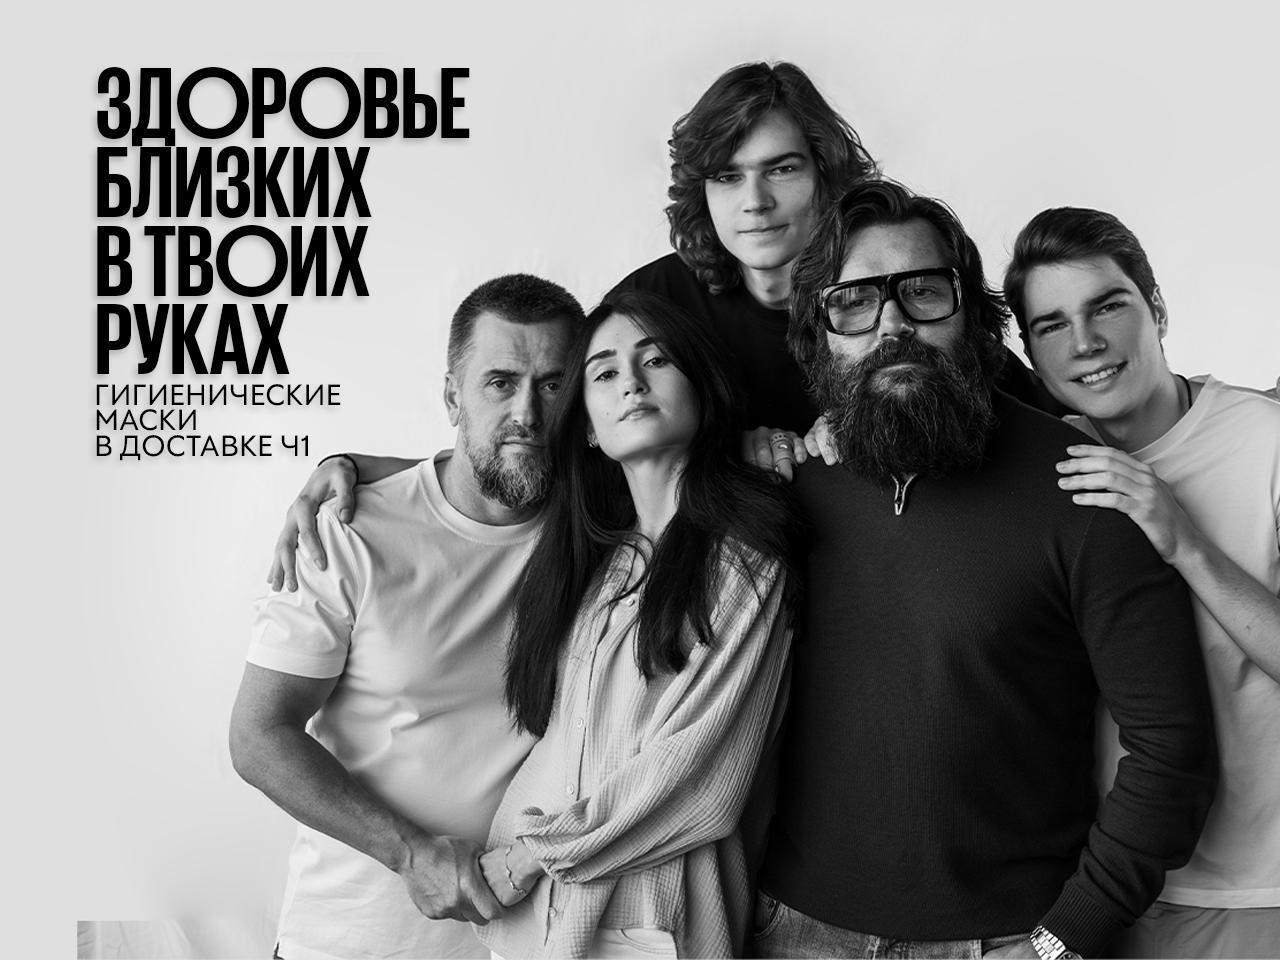 Маски на доставке Ч1 Васильчуки